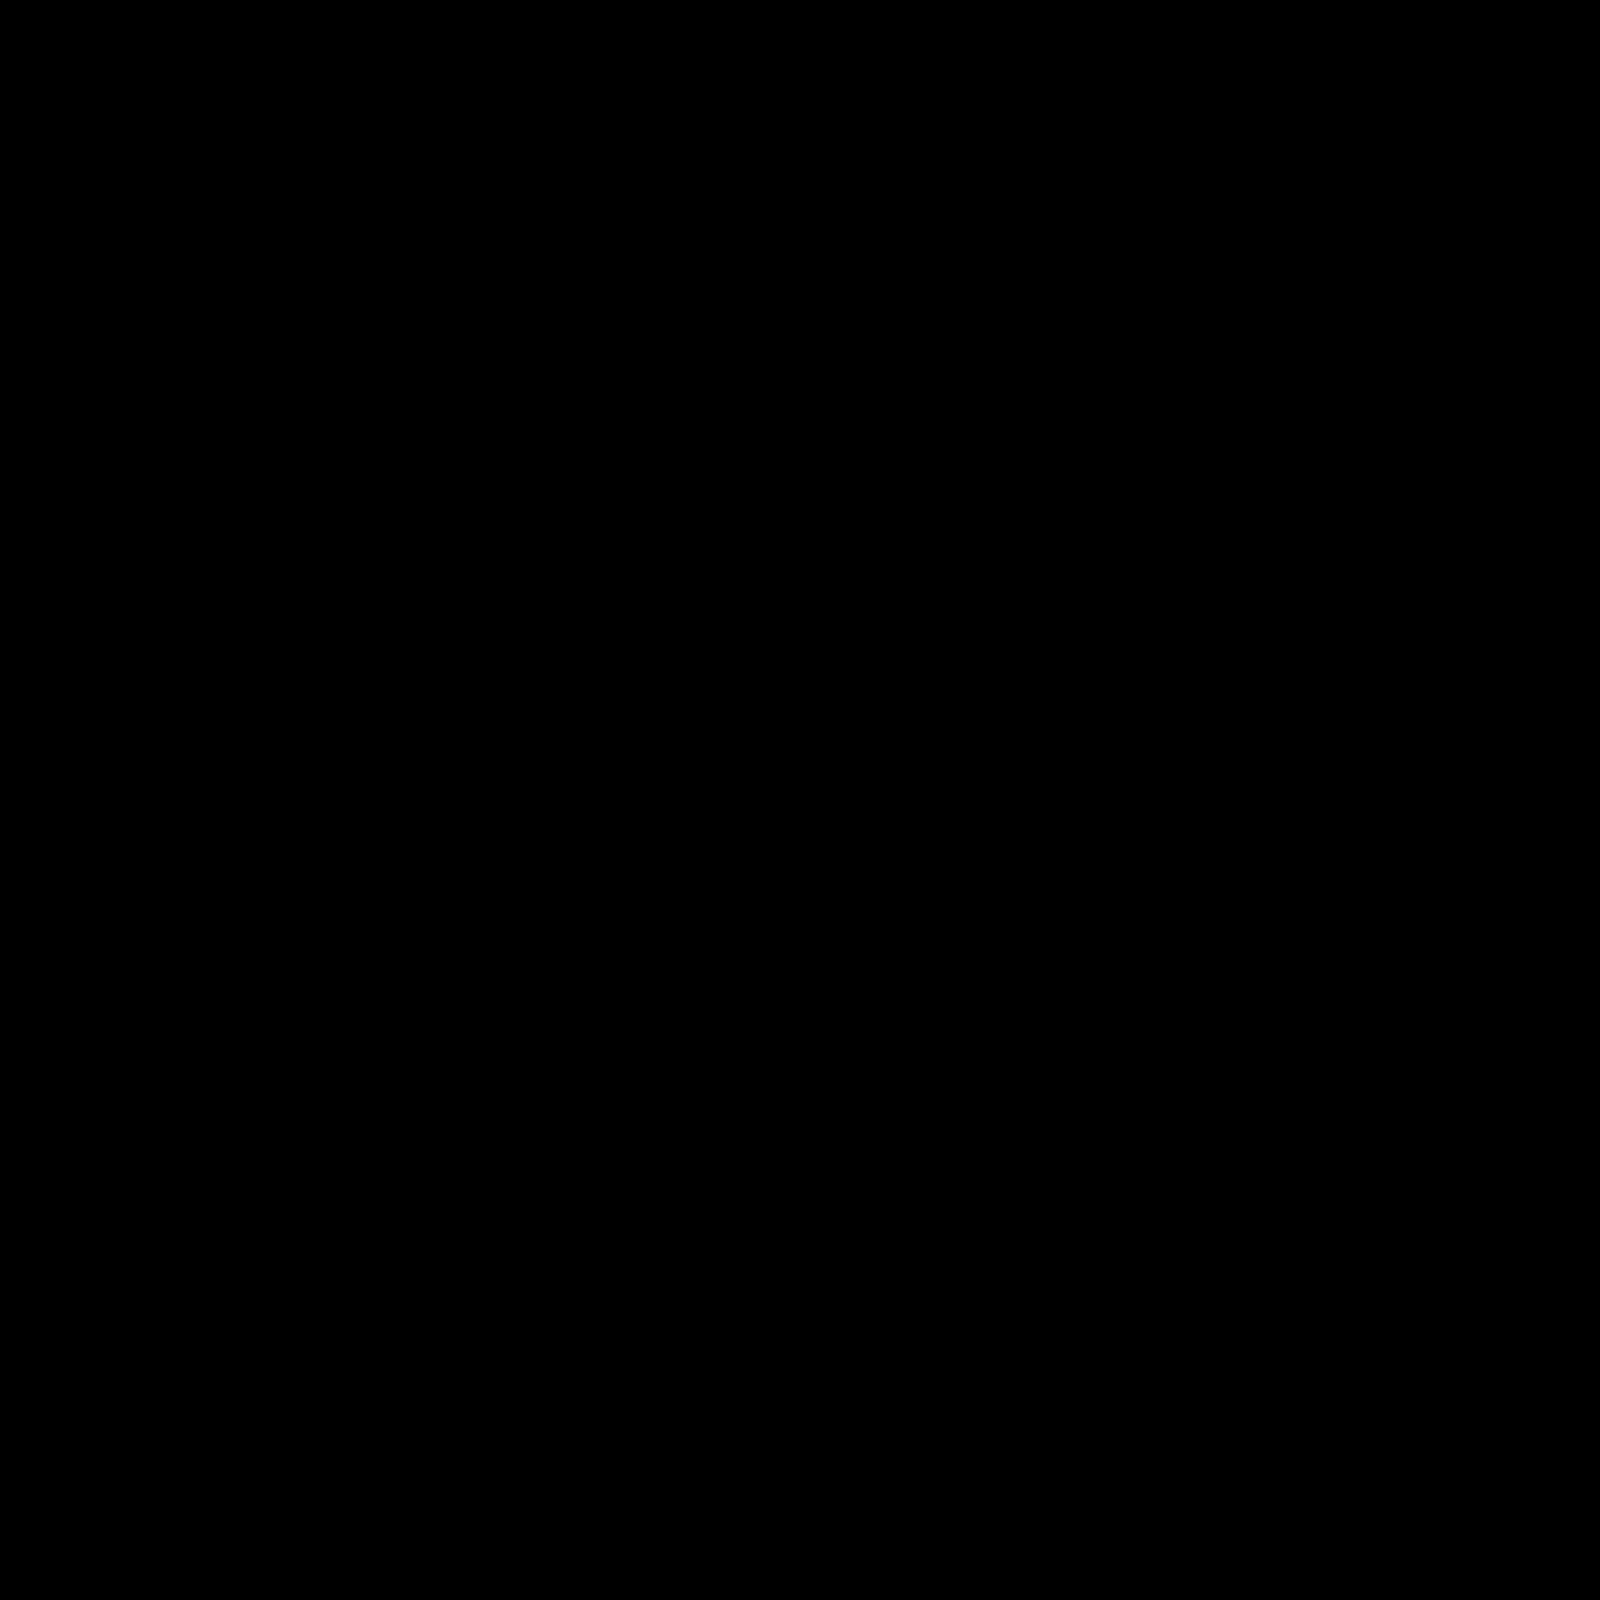 Venn Diagram Filled icon